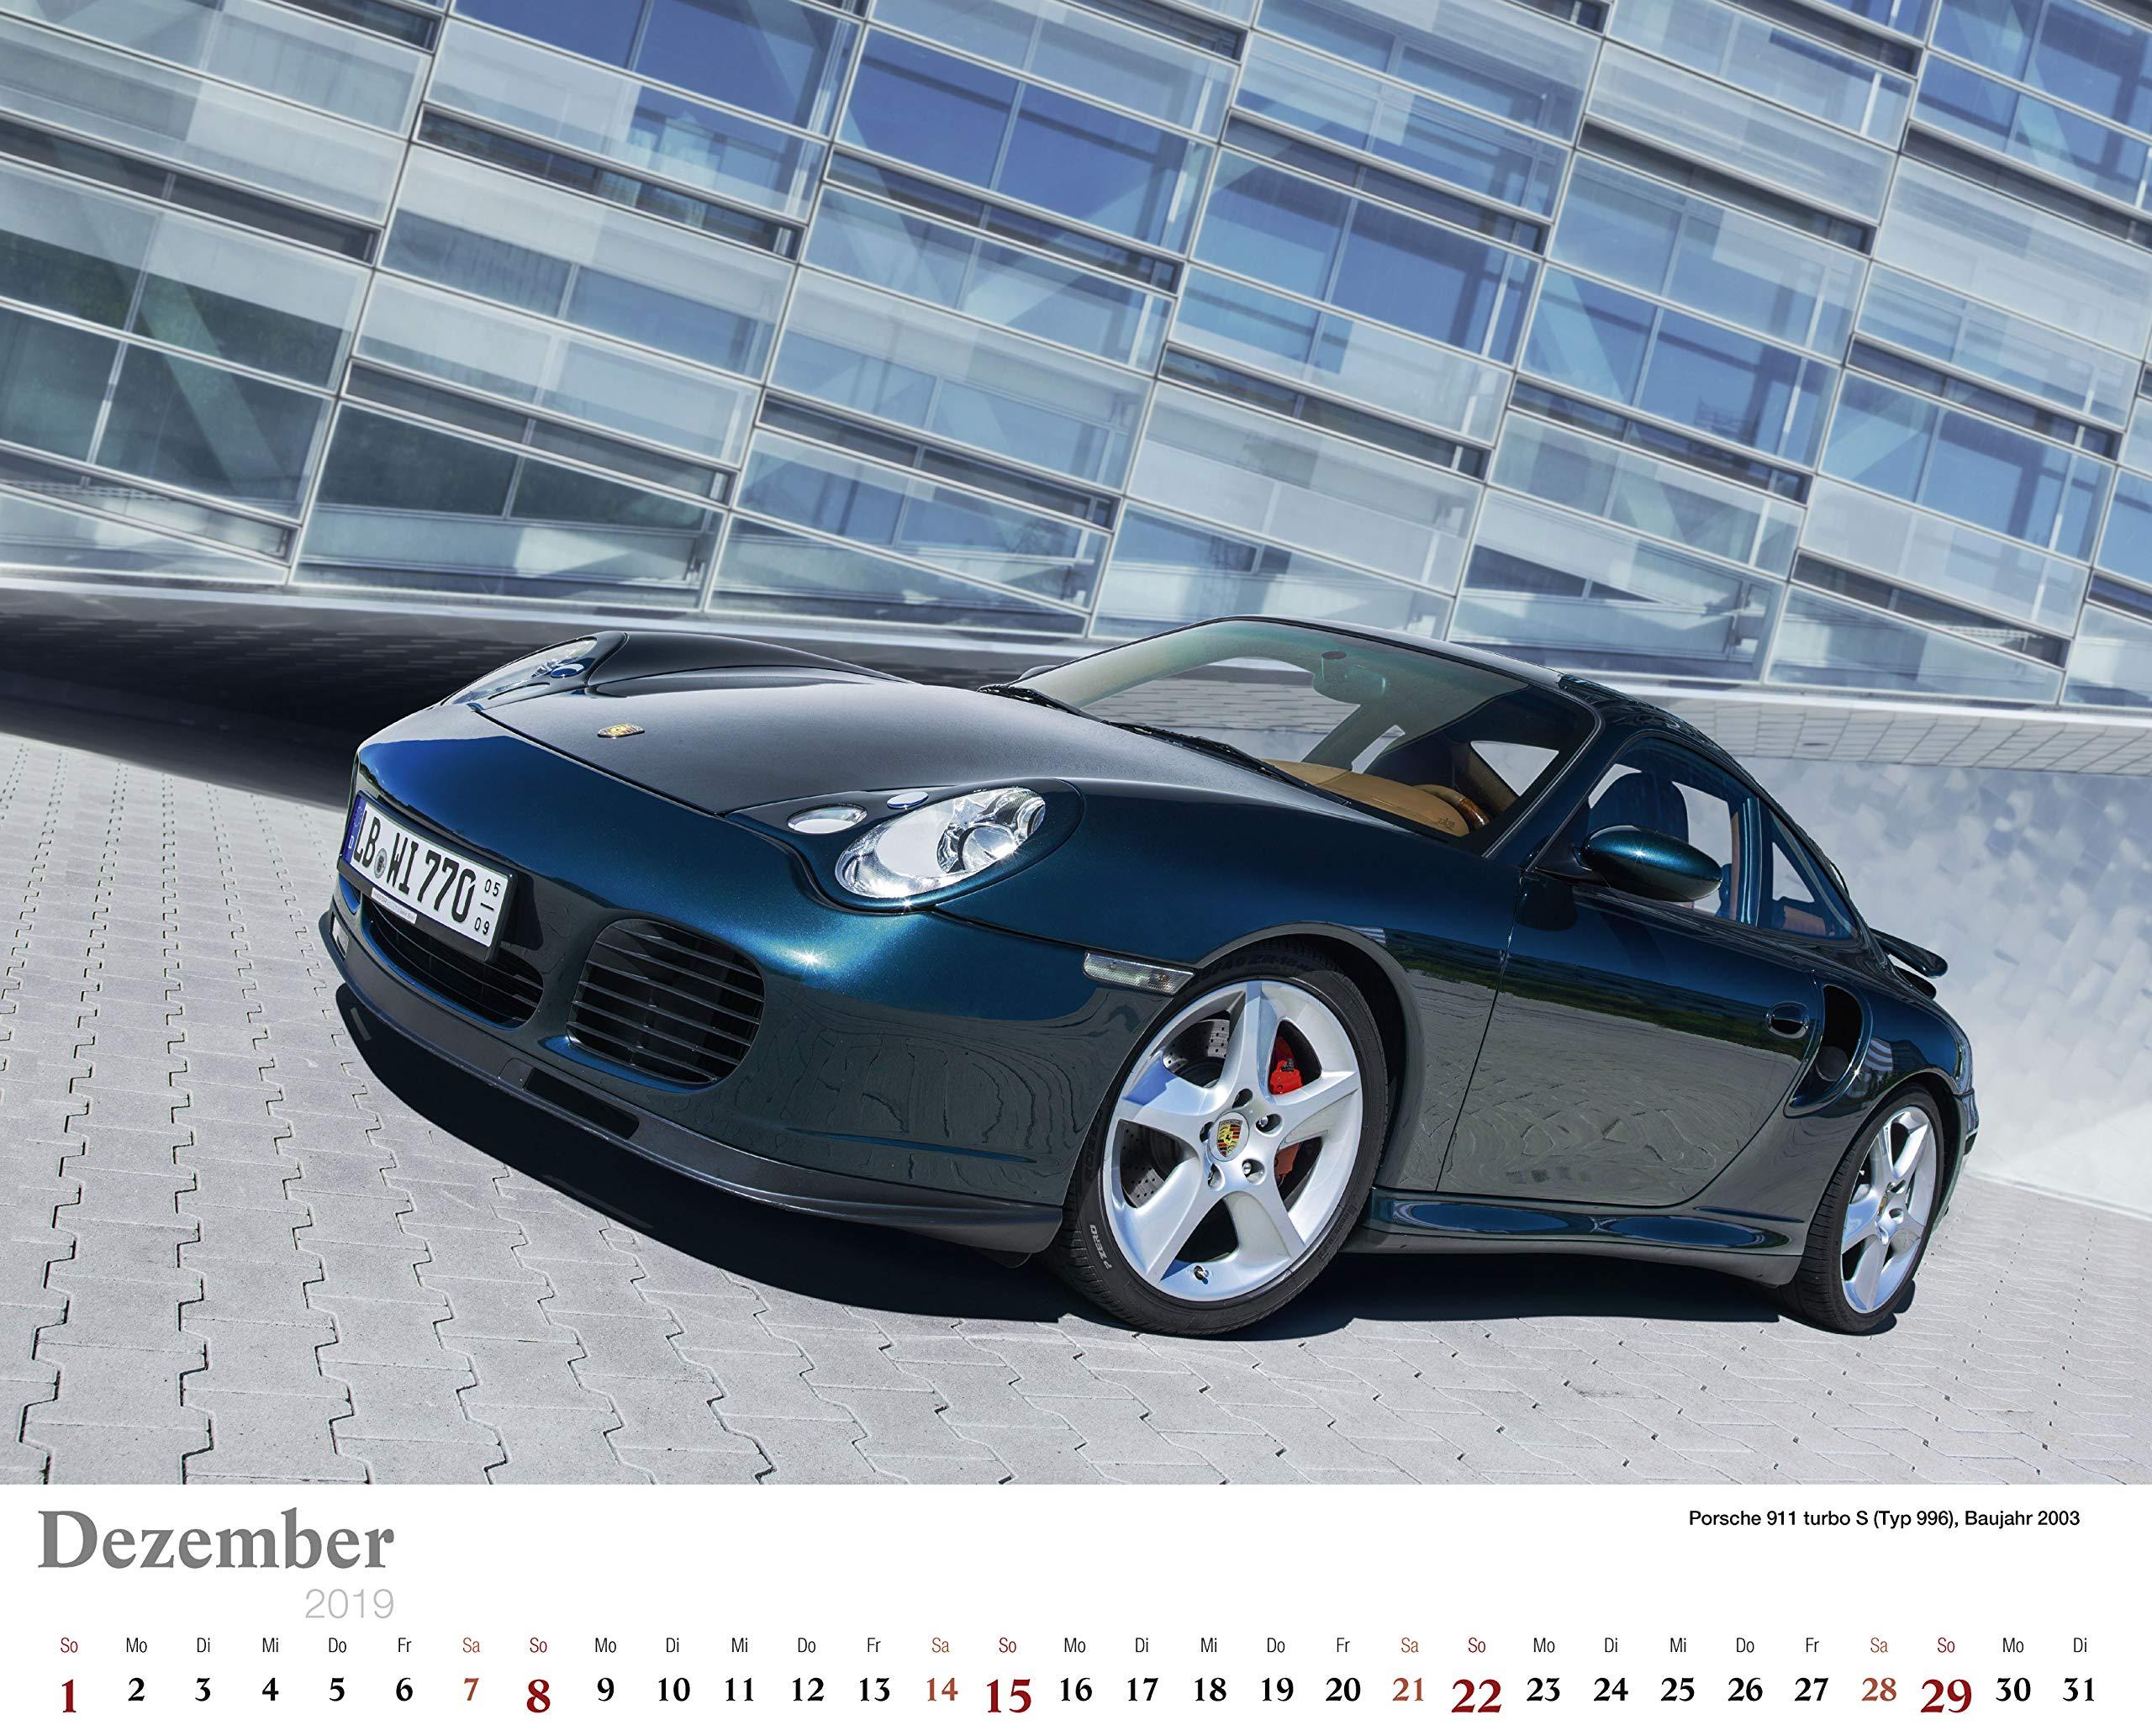 Best of Zuffenhausen 2019: Die schönsten Porsche-Modelle: Amazon.es: Dieter Rebmann: Libros en idiomas extranjeros